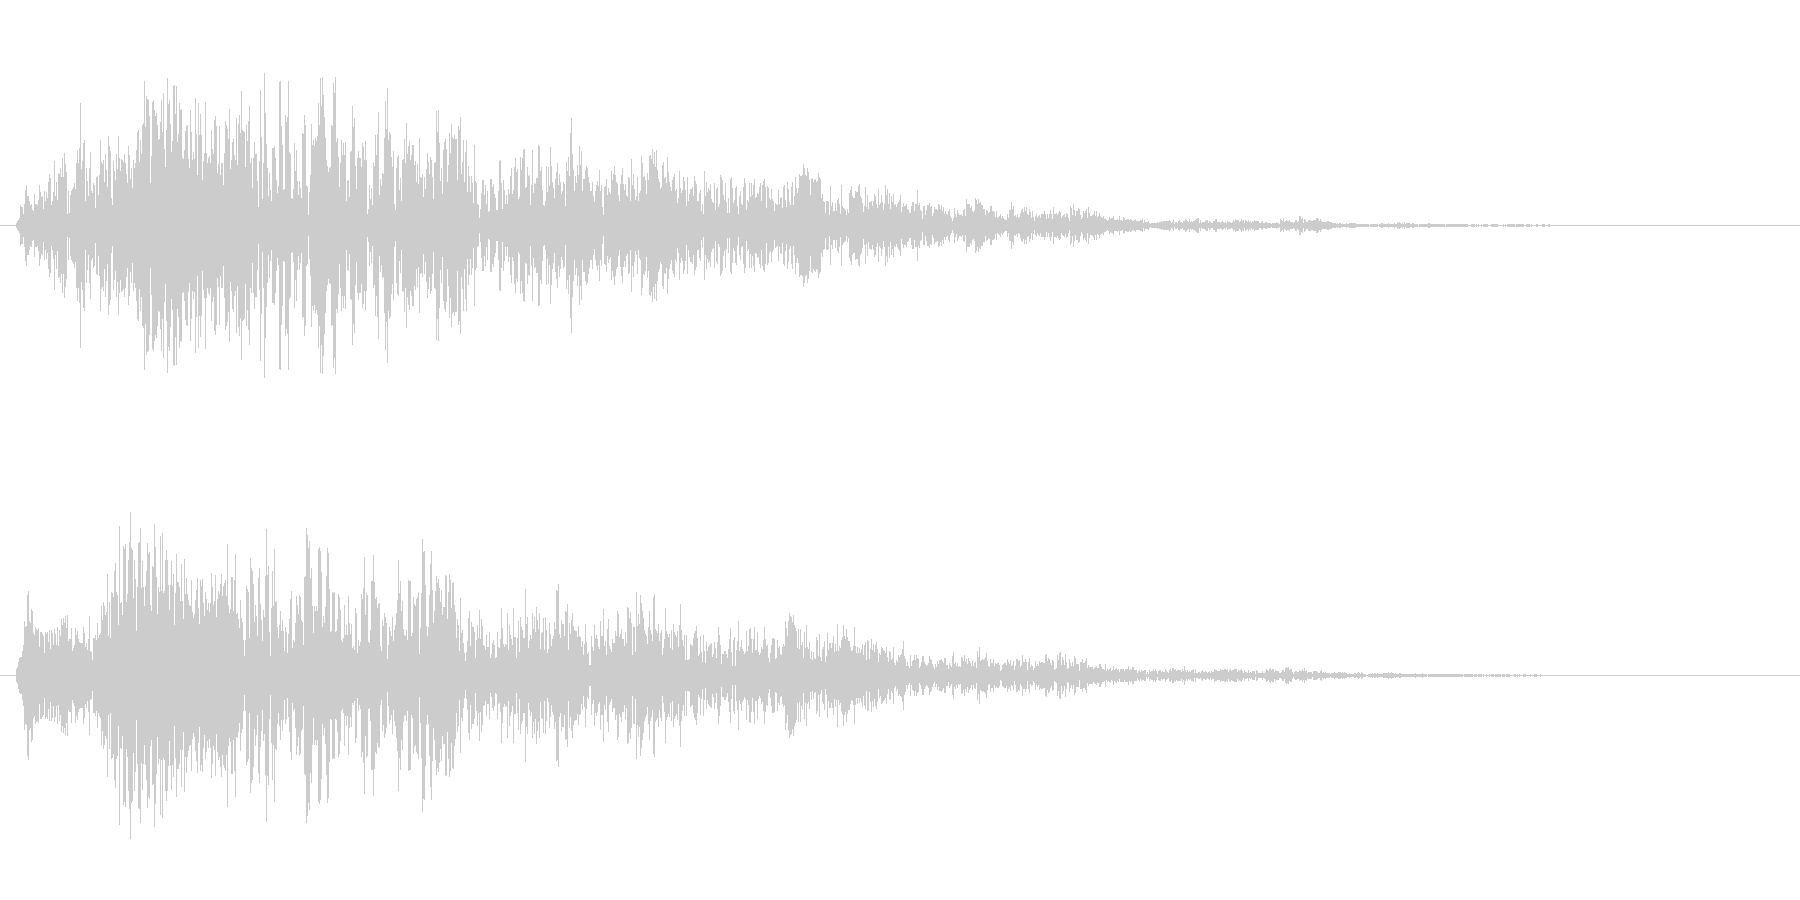 ビヨヨヨーン(跳ねる、消える、バネの音)の未再生の波形